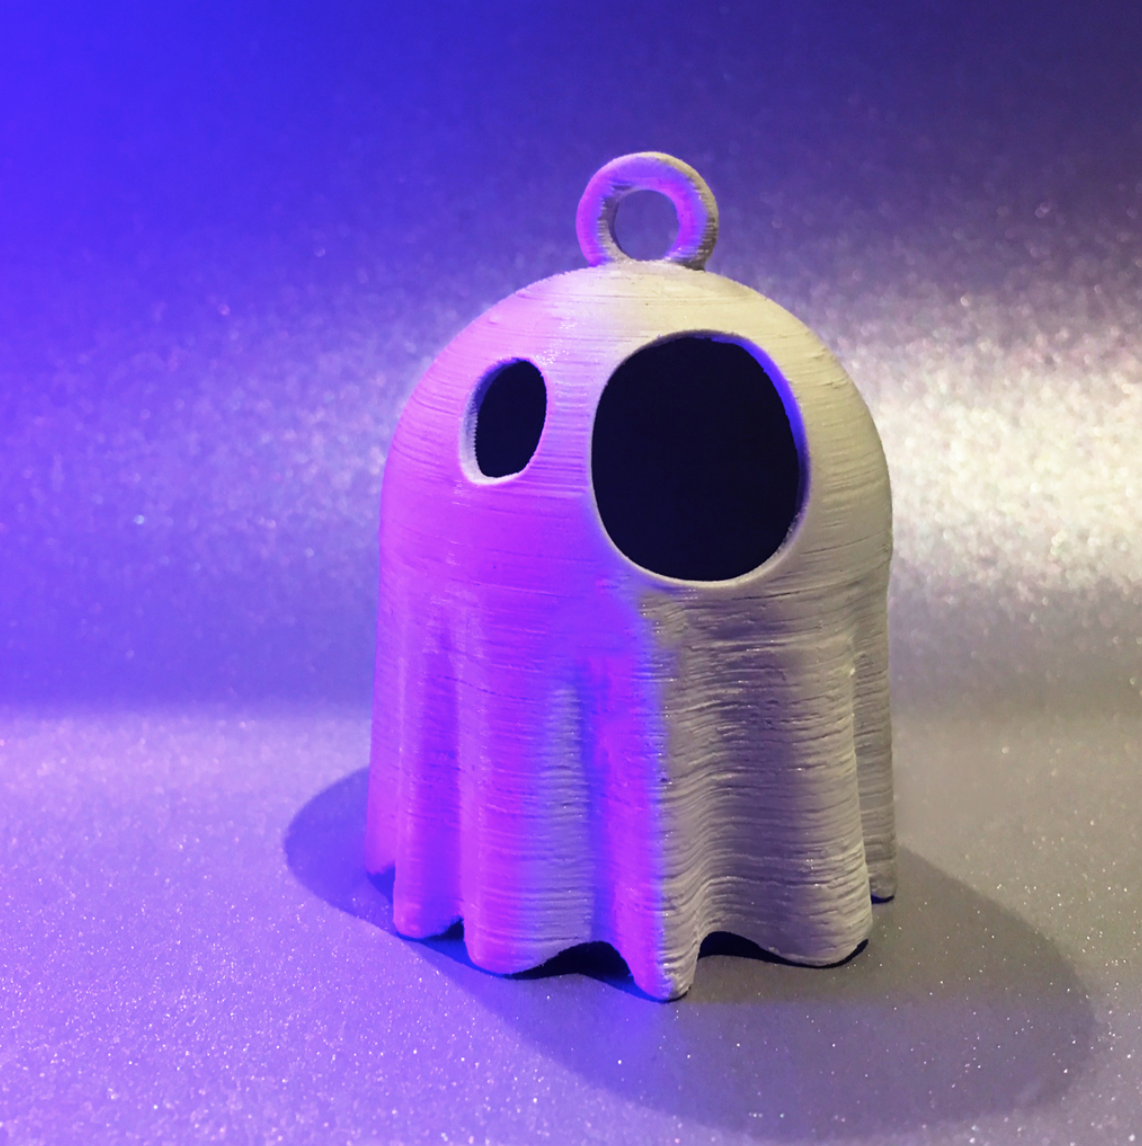 Capture d'écran 2017-10-24 à 16.12.00.png Download free STL file BatBall & GhostGlobe • 3D printer design, tone001